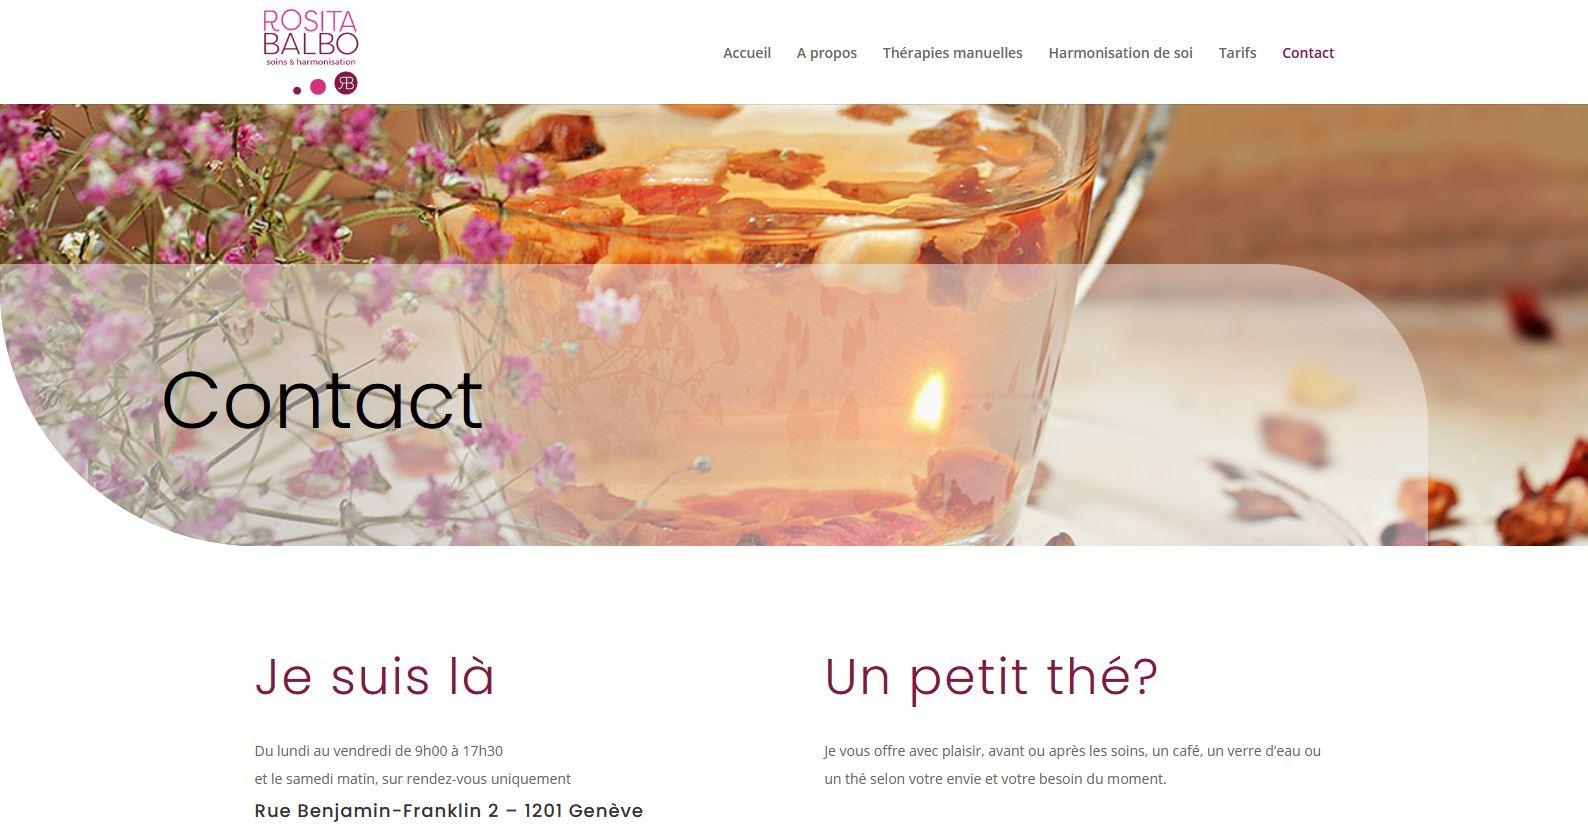 Santé - Rosita Balbo - Site internet - Page Contact